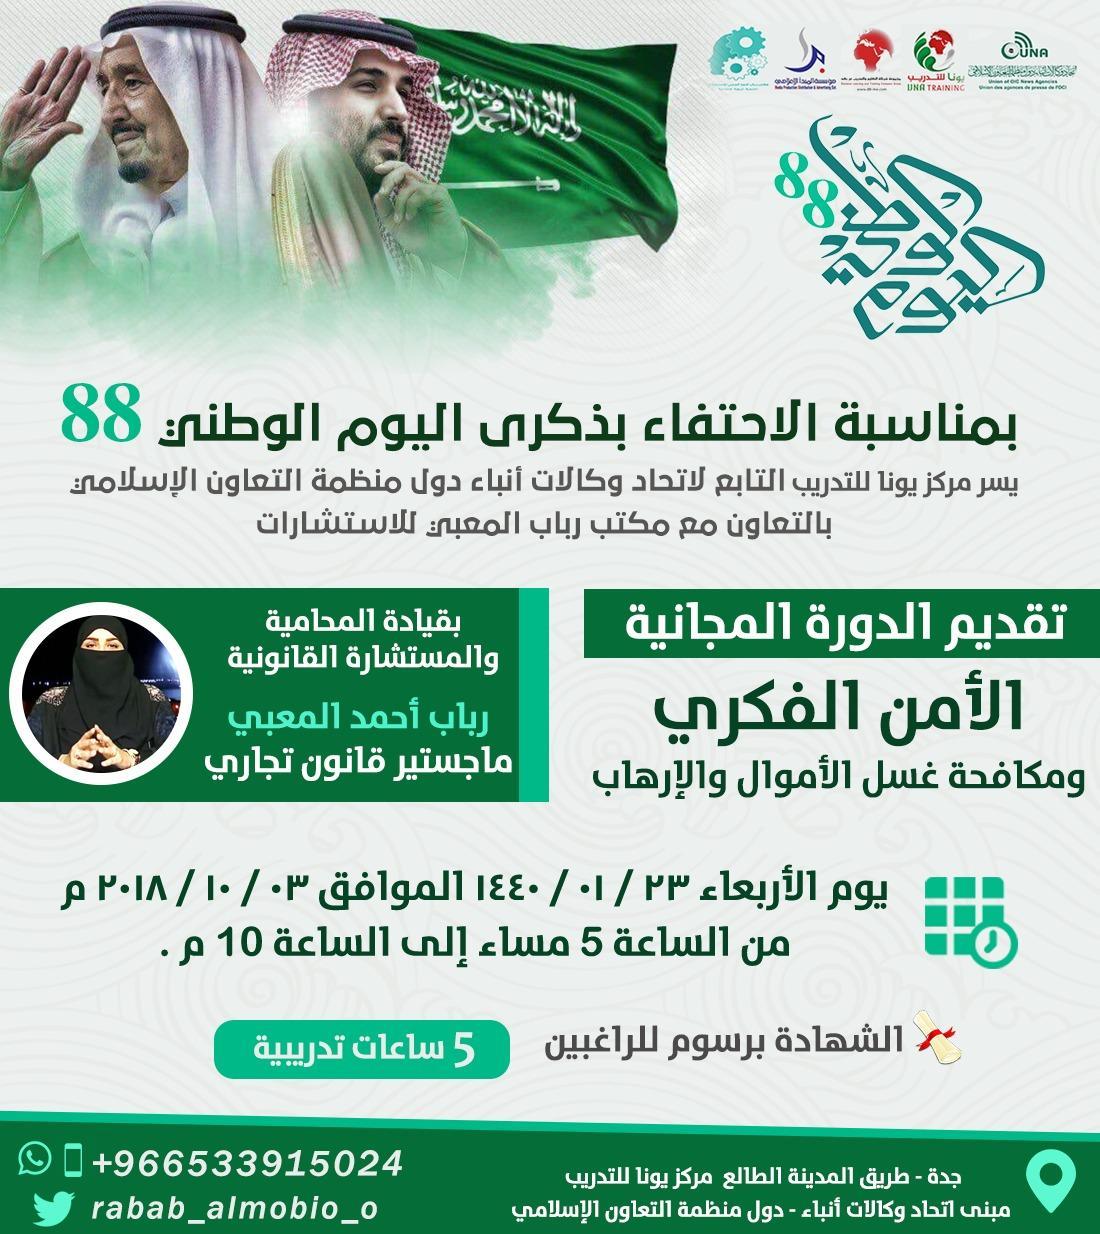 الدورة المجانية (الأمن الفكري ومكافحة غسل الأموال وتمويل الإرهاب) .. رباب أحمد المعبي